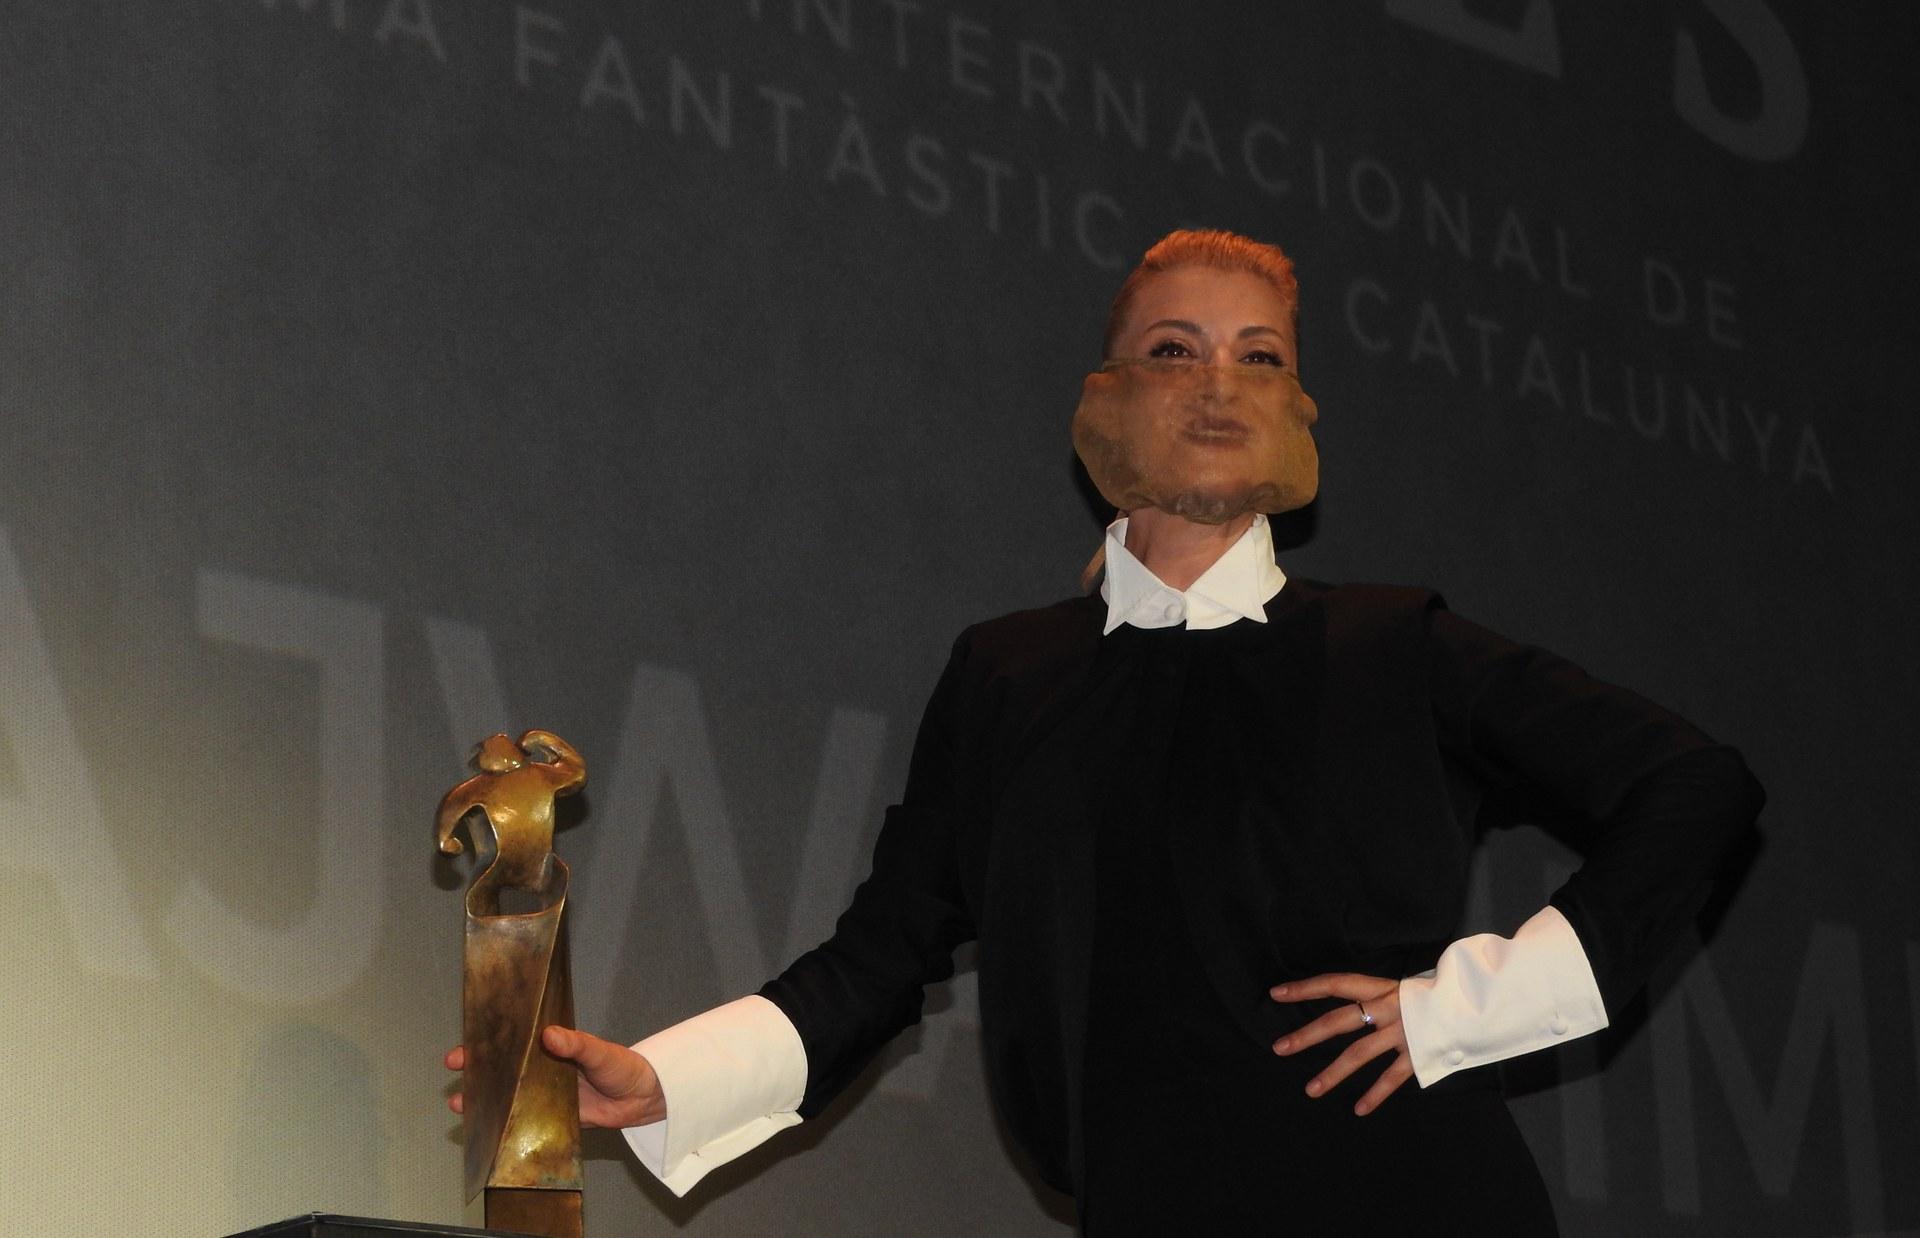 Najwa Nimri captiva el públic de Sitges recollint el Gran Premi Honorífic a la seva carrera